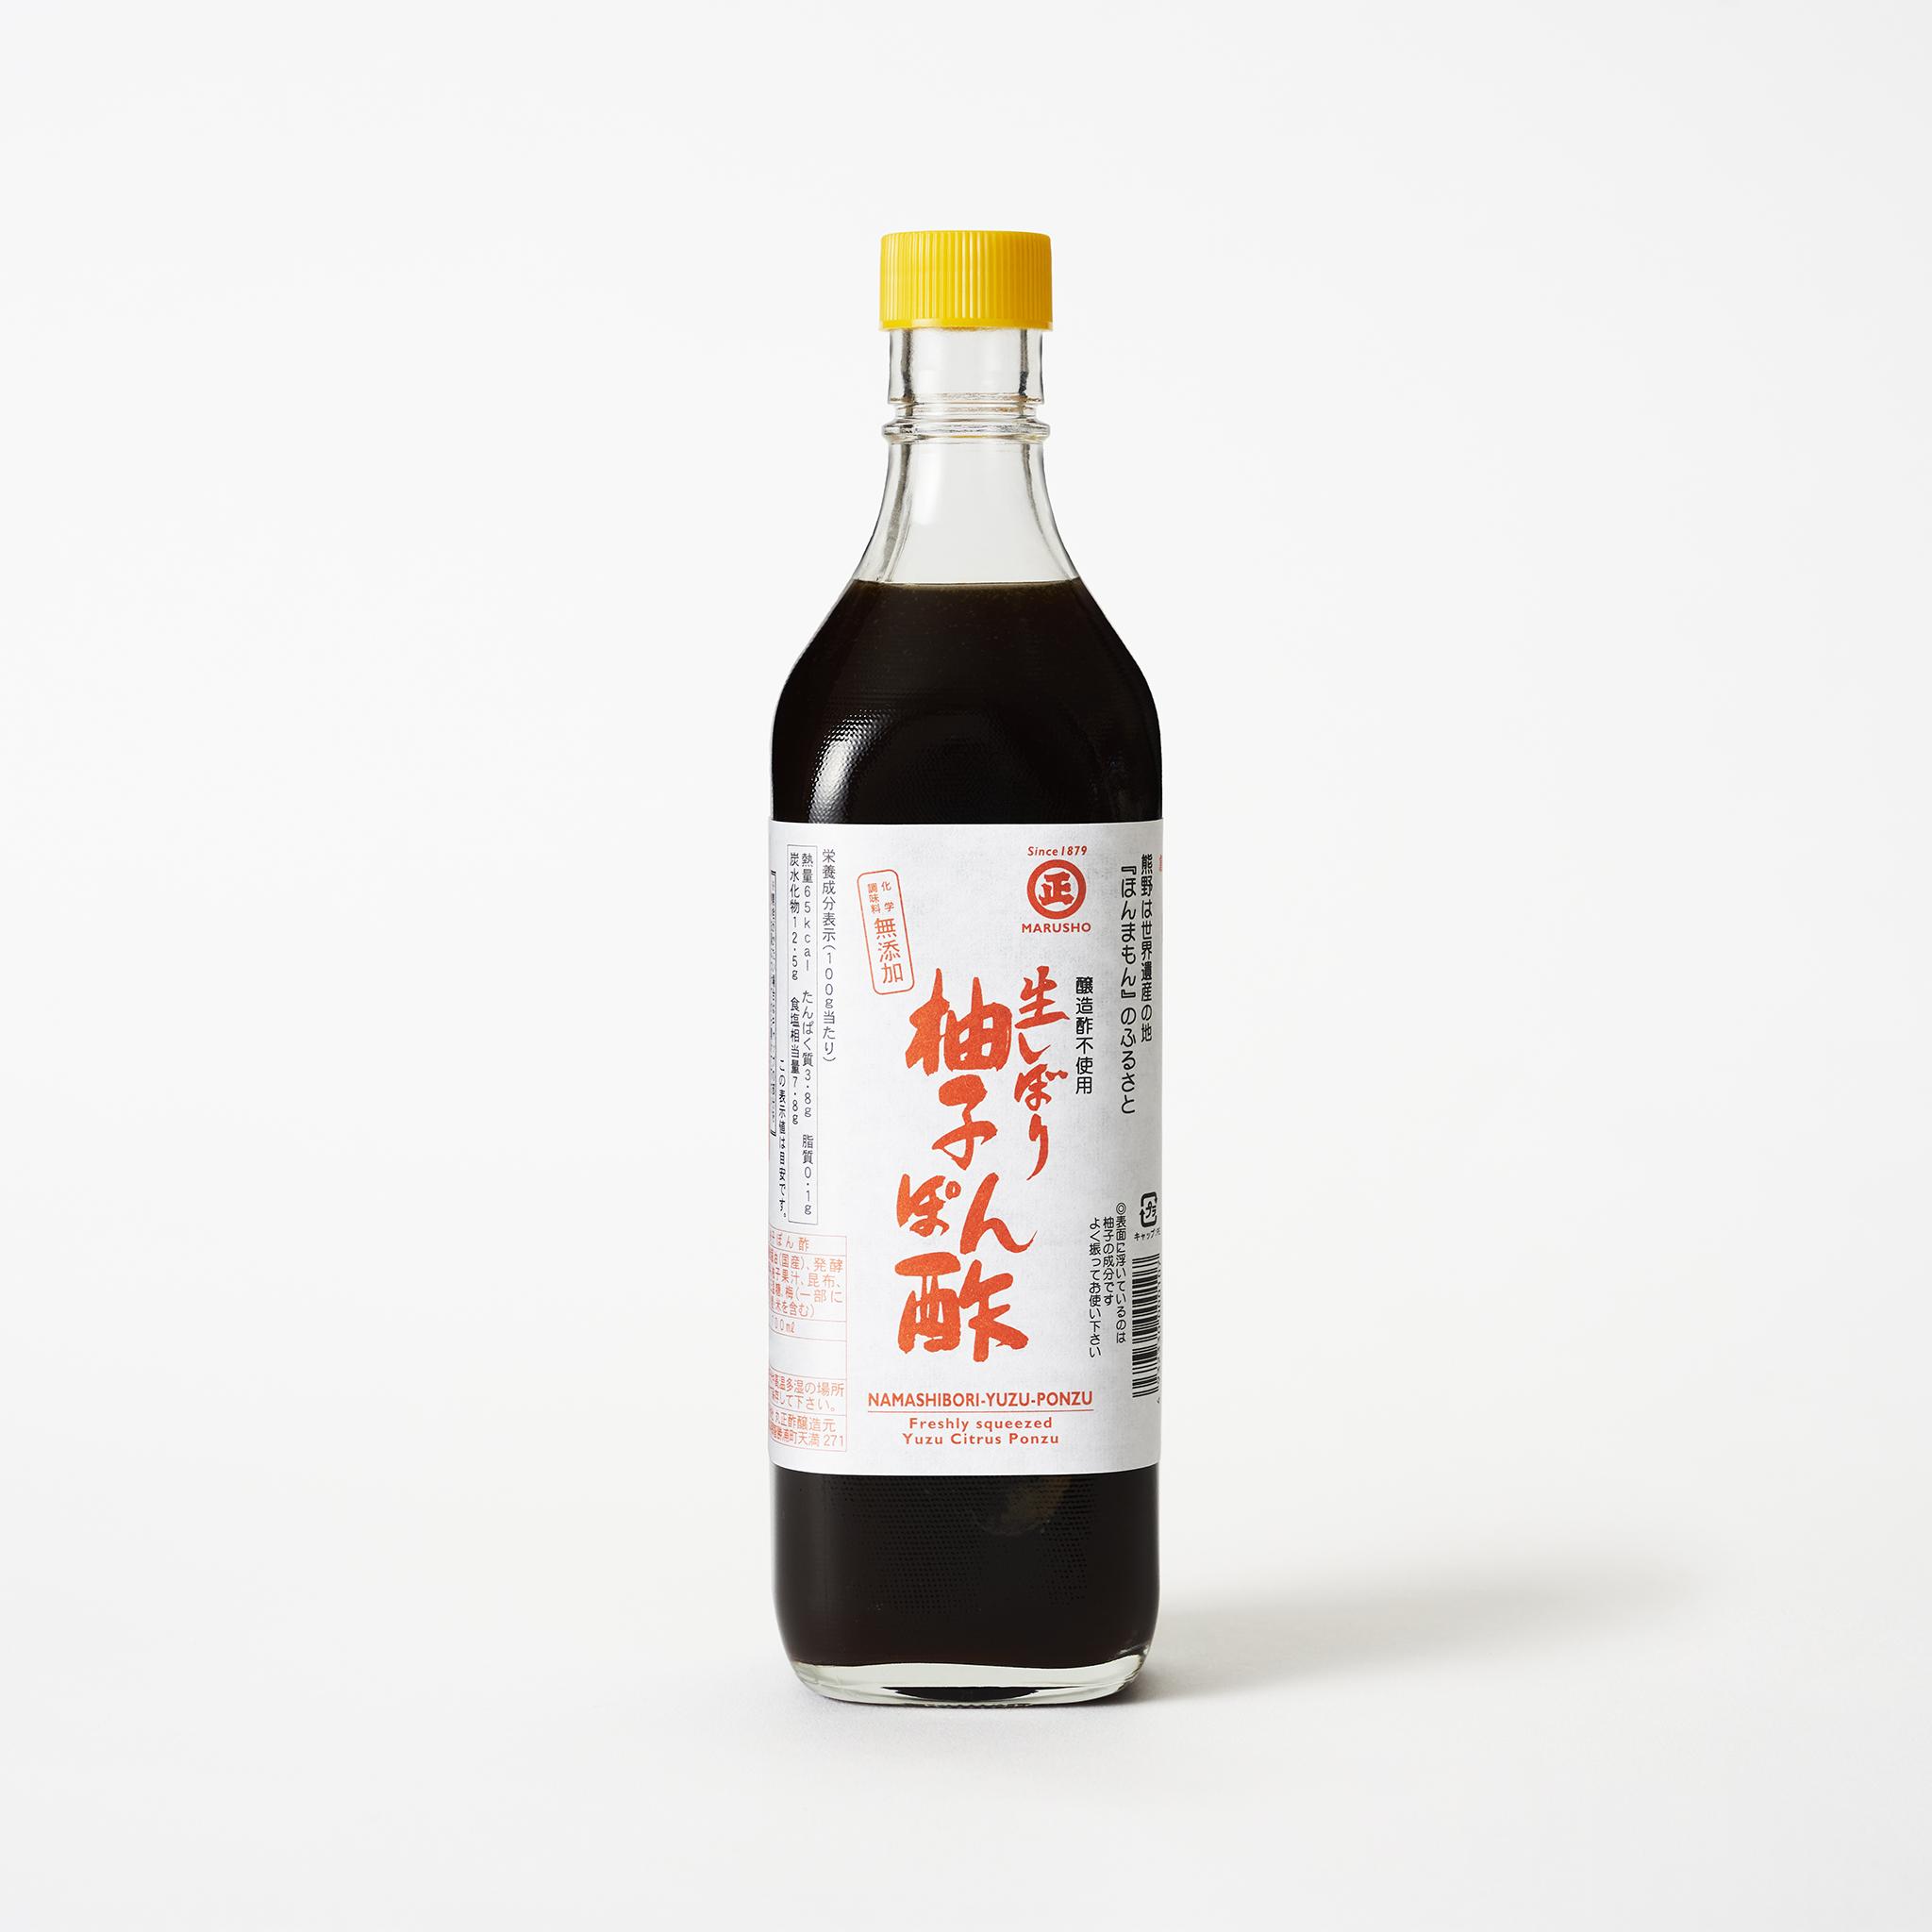 生しぼり柚子ぽん酢 700ml